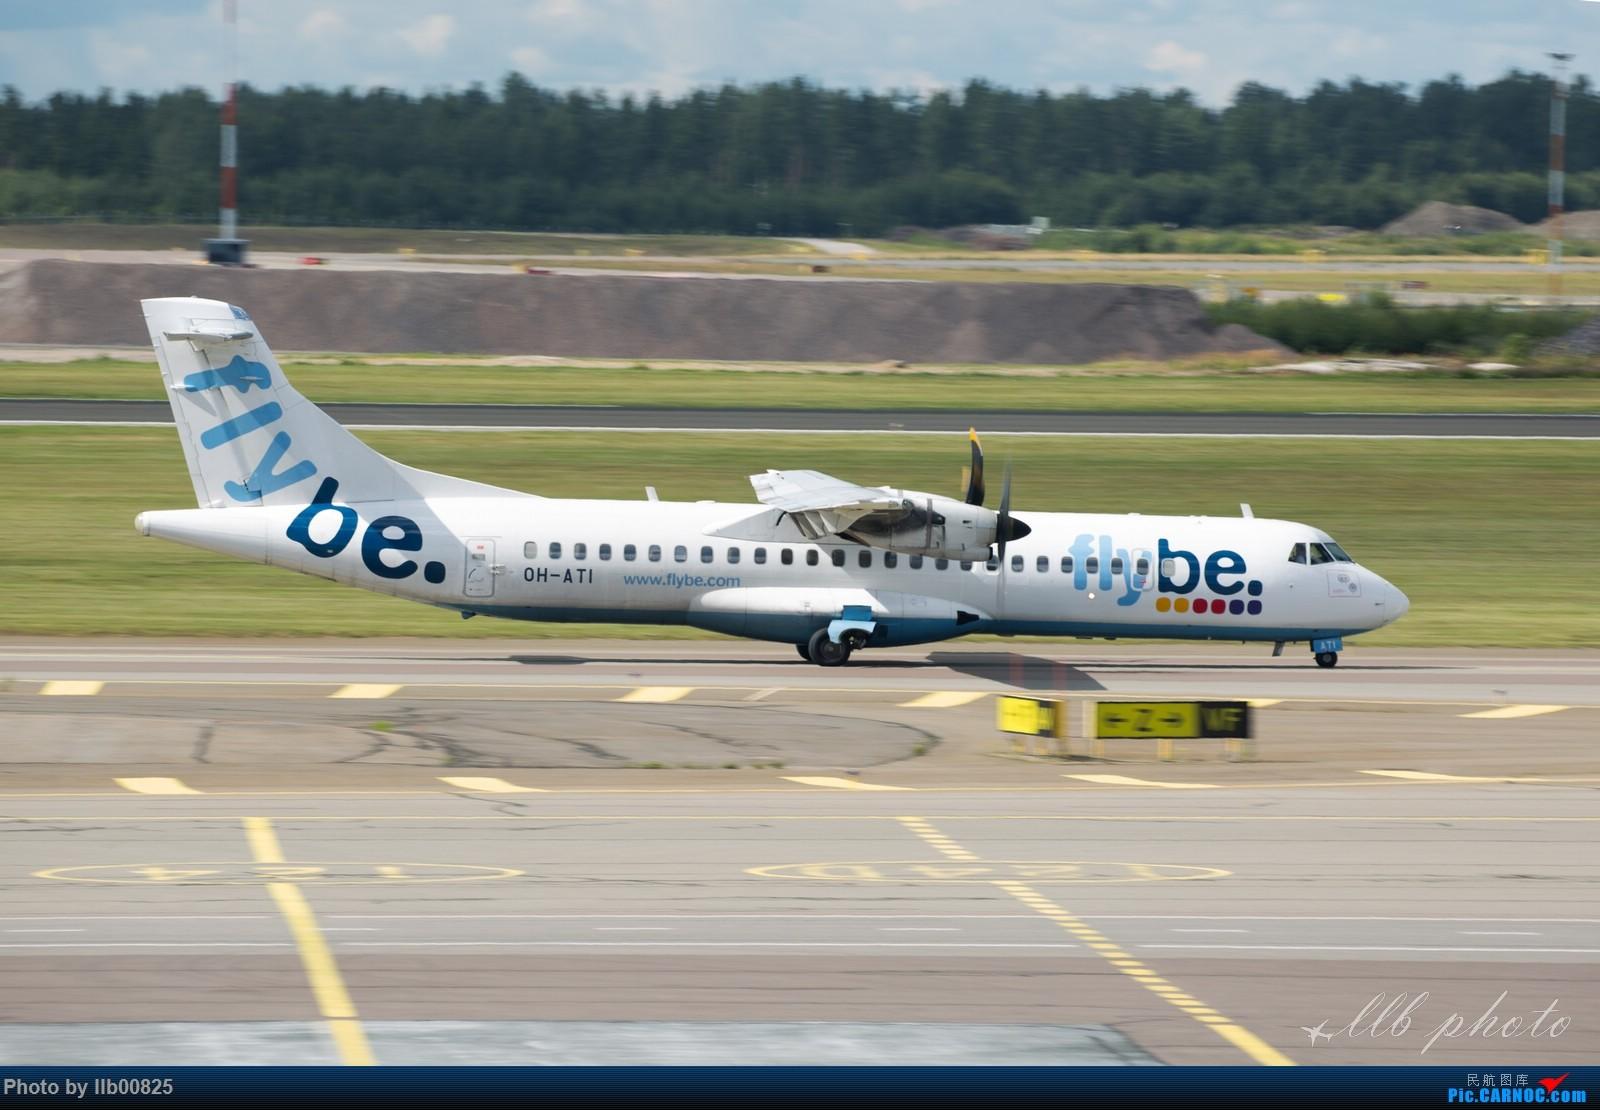 Re:[原创]赫尔辛基-布鲁塞尔一些杂图 ATR-72 OH-ATI 芬兰赫尔辛基机场